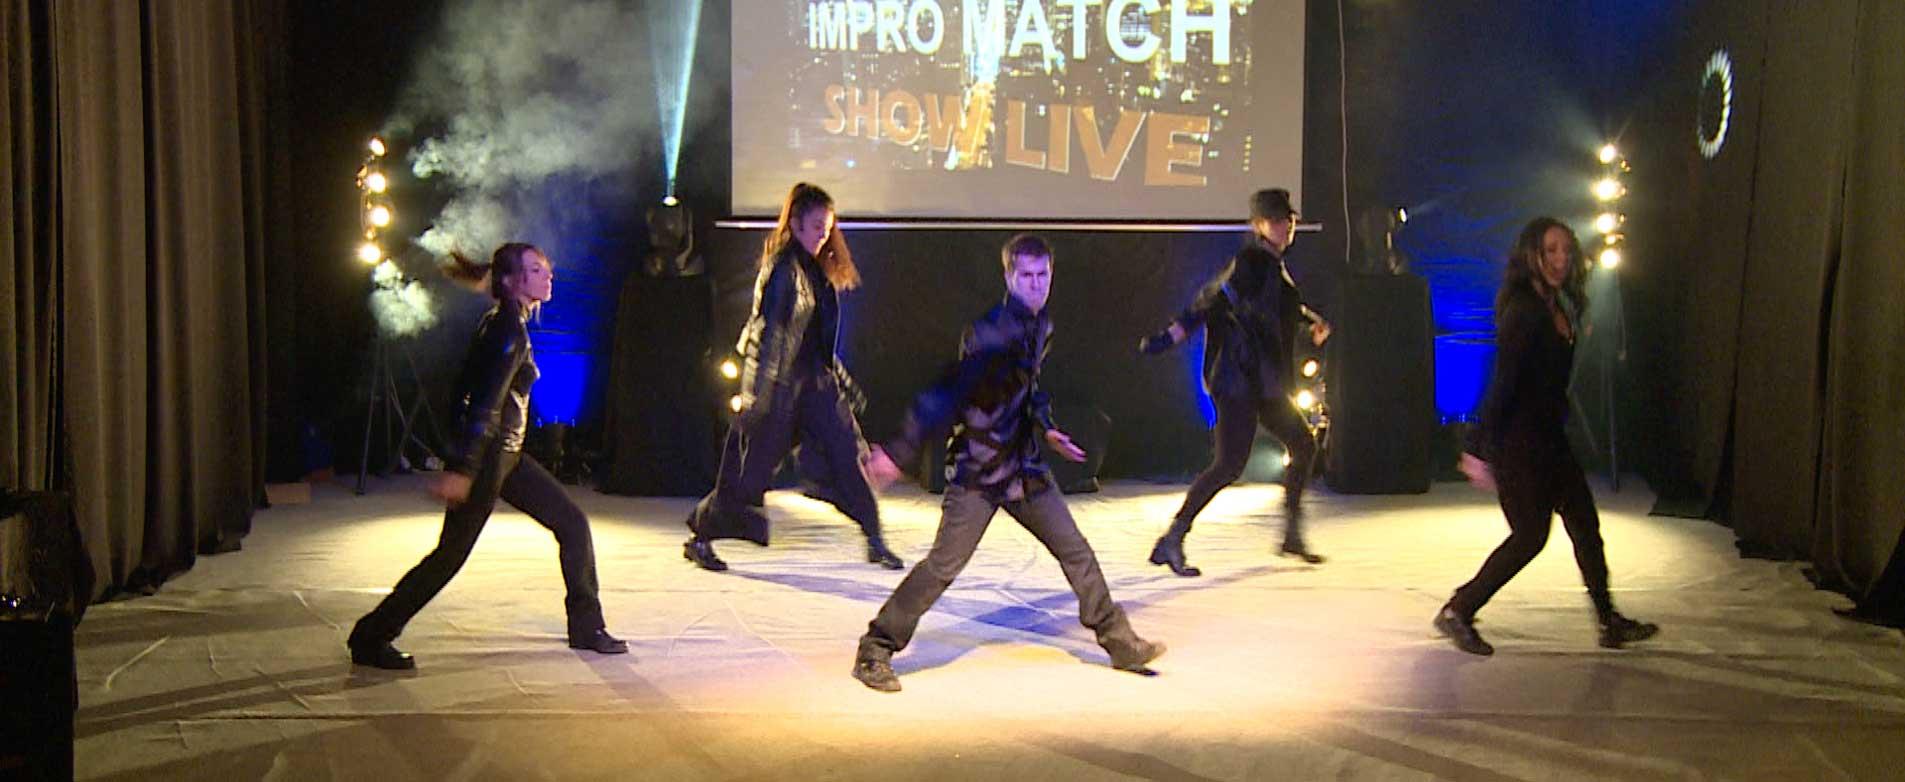 ce-soir-tout-est-permis-danse-show-live-cmj-france-univers-spectacles